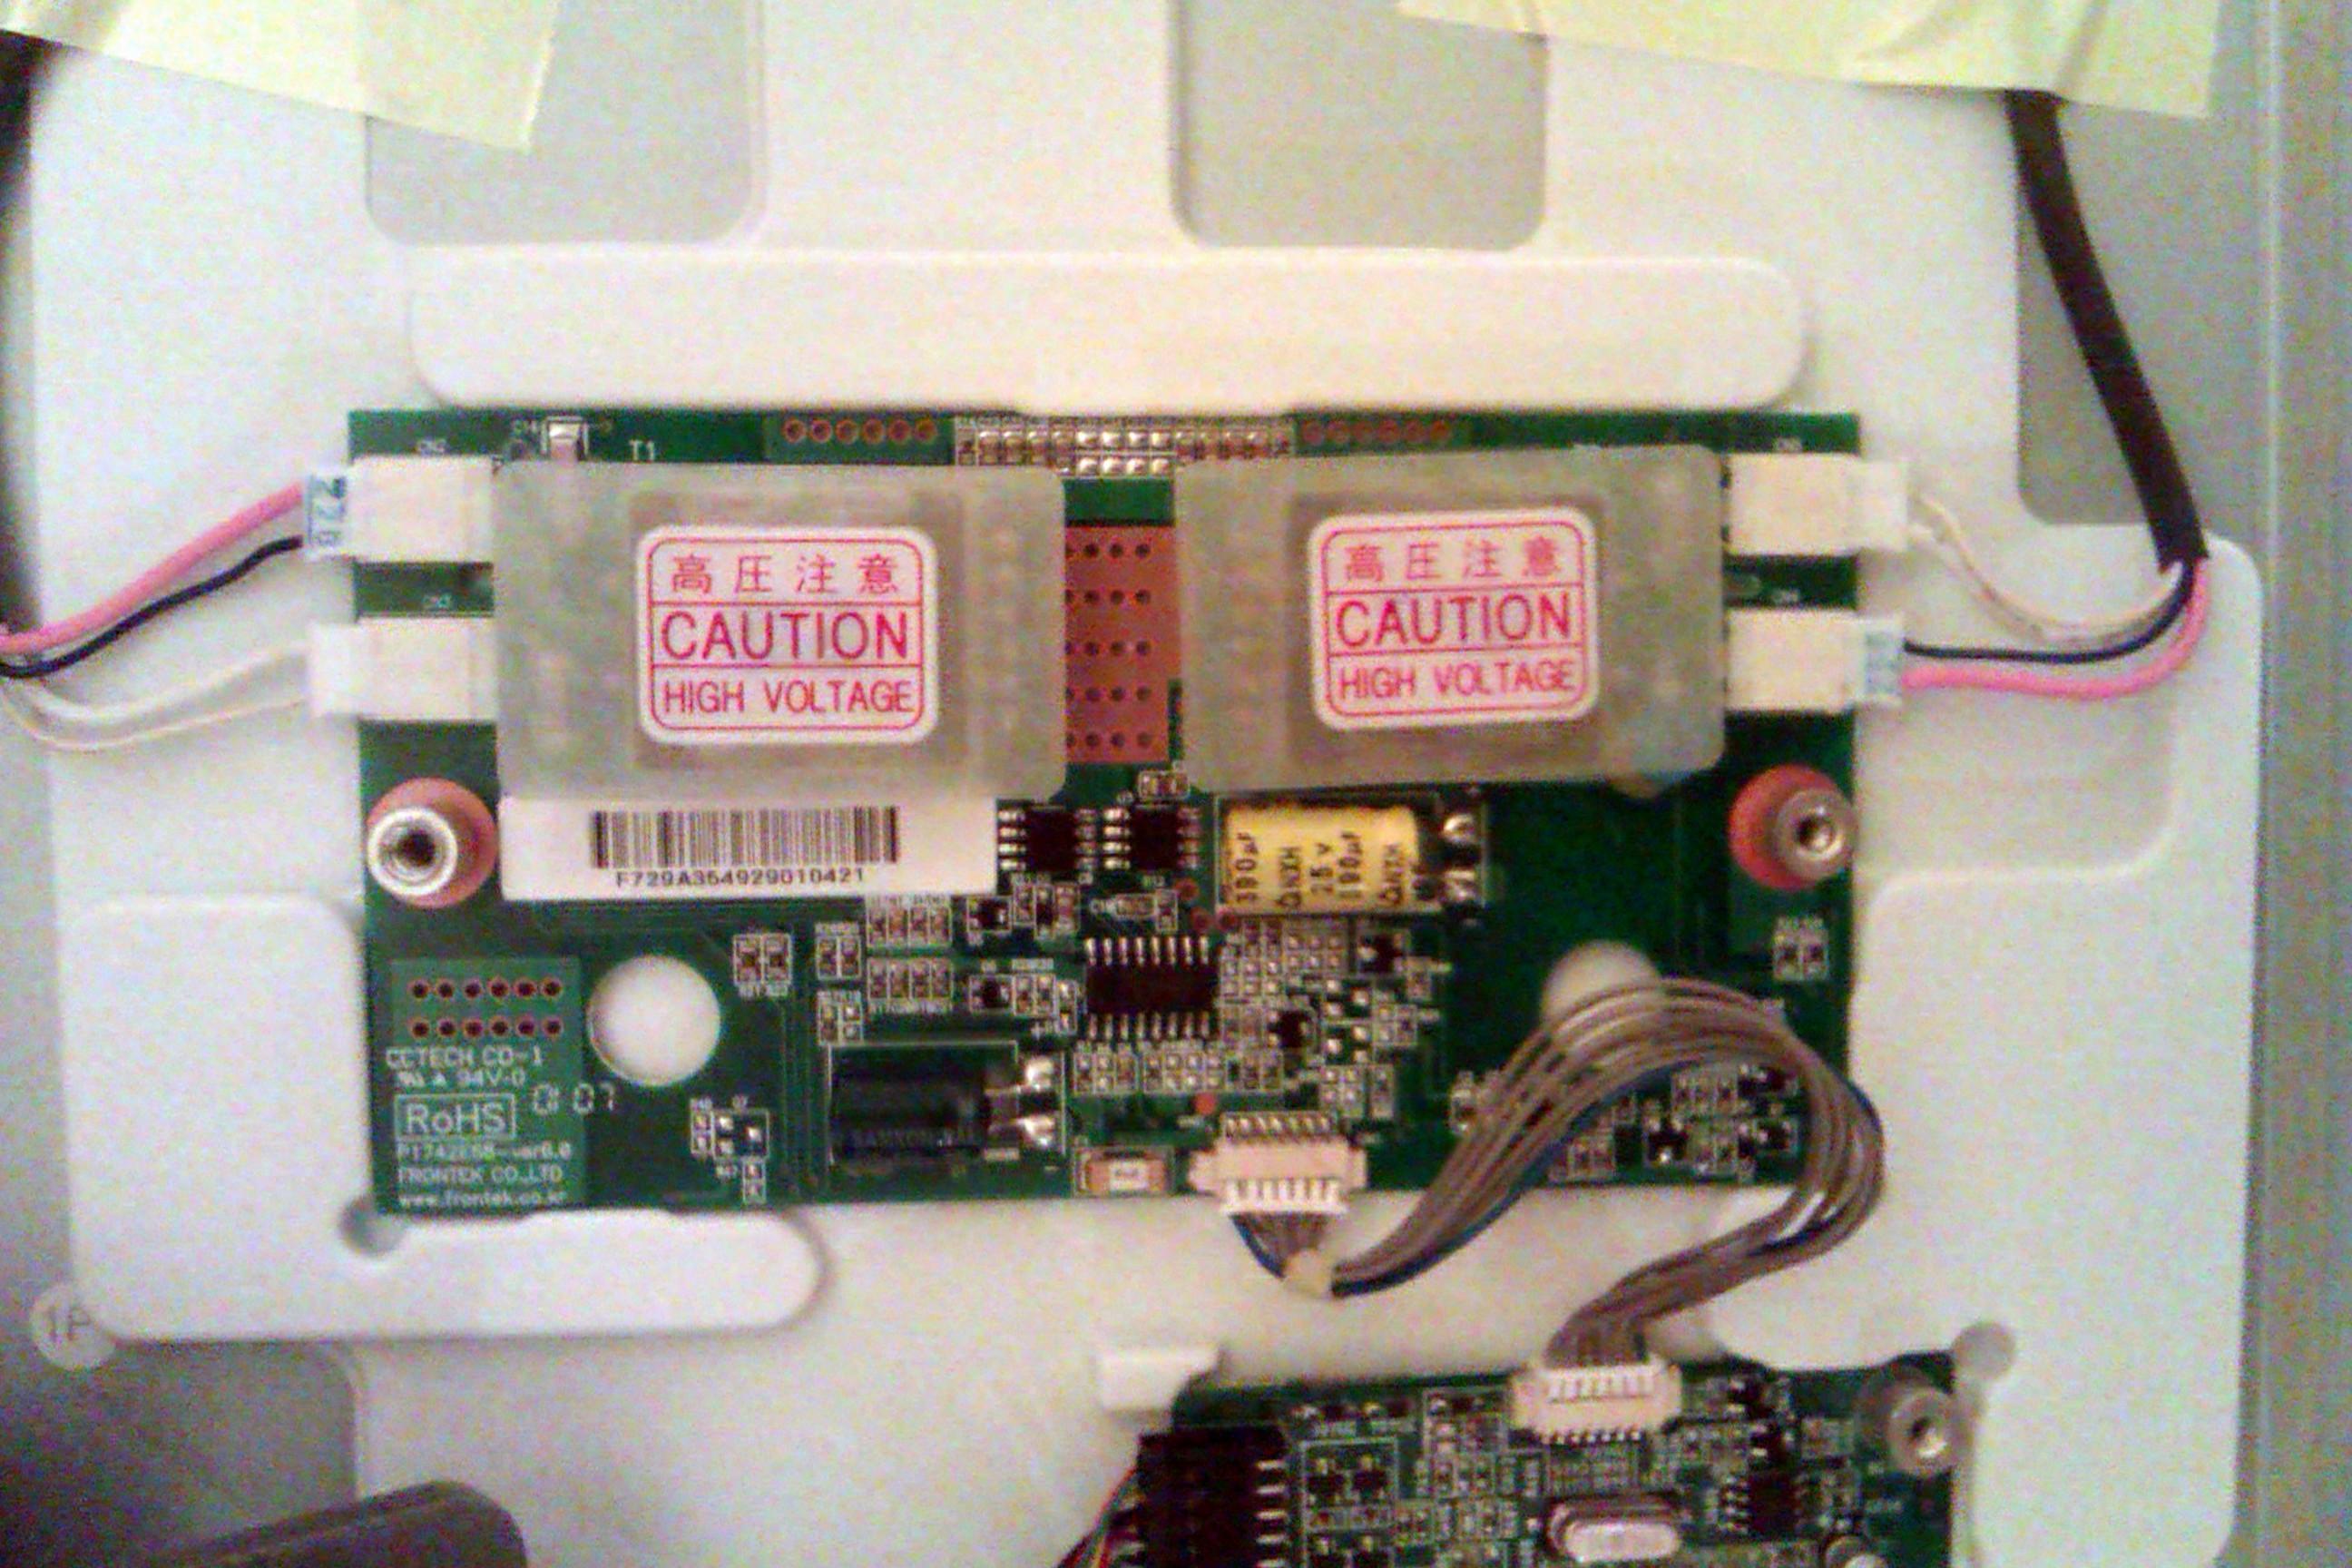 LG Flatron L1770HR - Monitor przesta� dzia�a� po wymianie kondensator�w